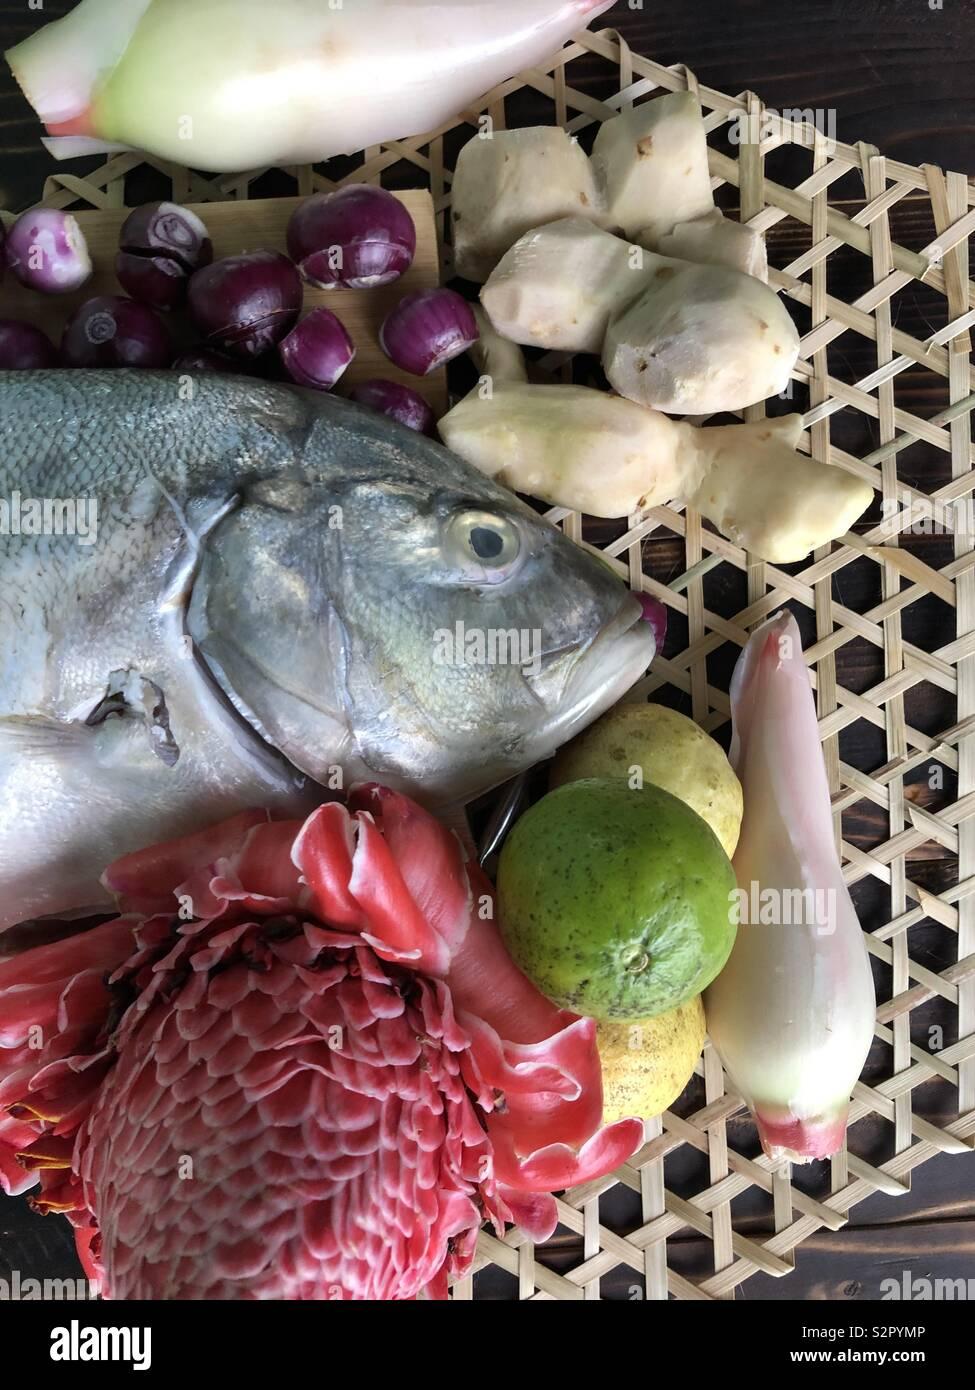 El norte de Borneo, manjar local Hinava ingredientes, el pescado blanco, el jengibre, la cebolla roja, antorchas, jengibre y limón Foto de stock